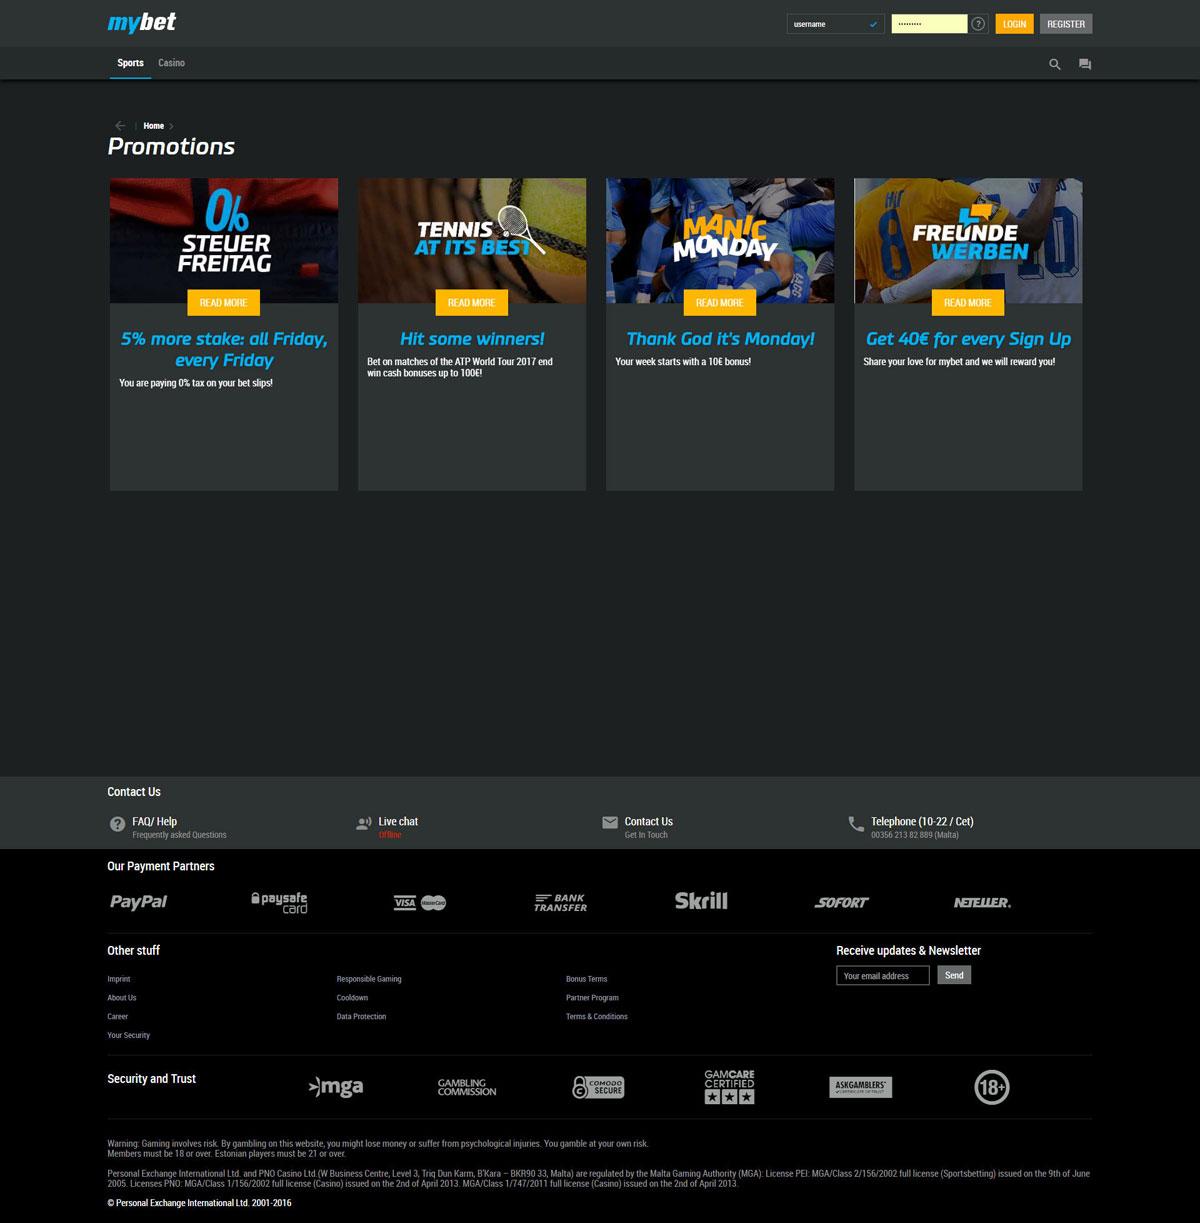 casino mybet.com